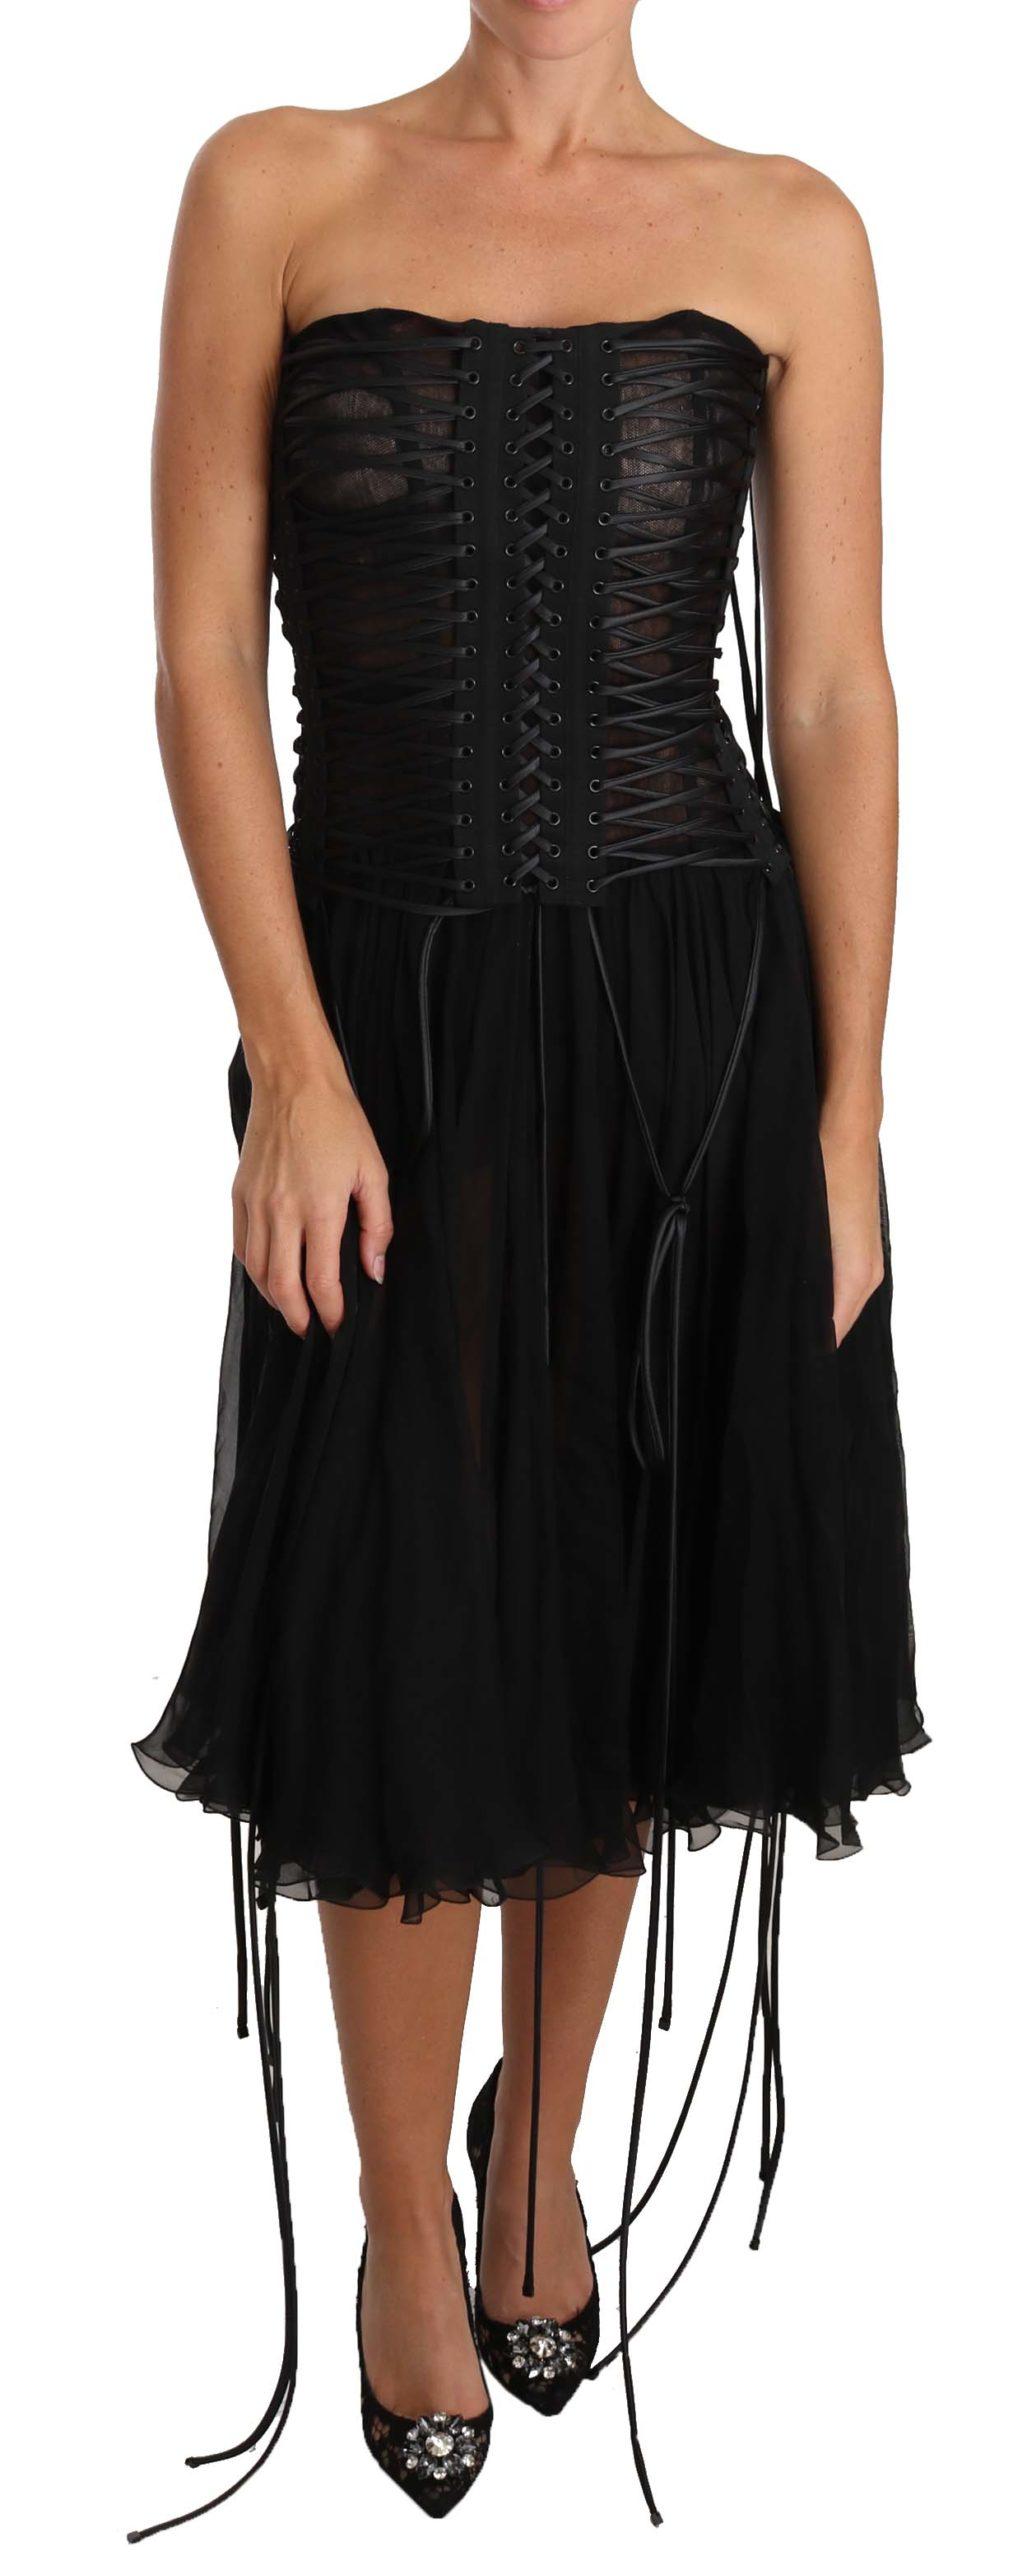 Dolce & Gabbana Women's Strapless Corset A-line Midi Dress Black DR2027 - IT46|XL